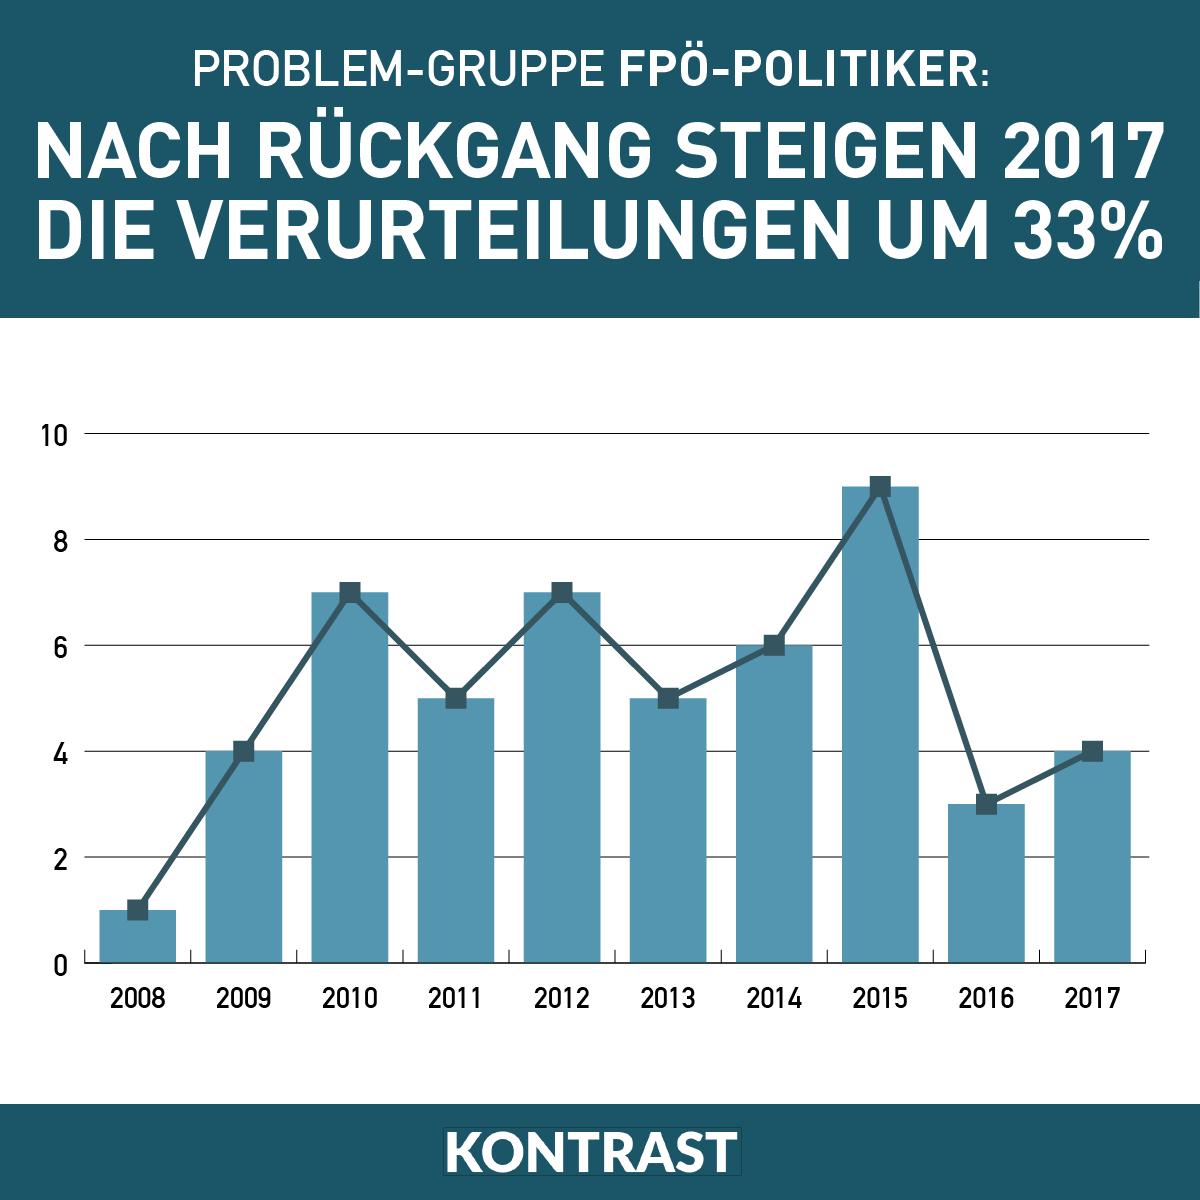 FPÖ-Politiker im Konflikt mit dem Gesetz - Kontrast.at